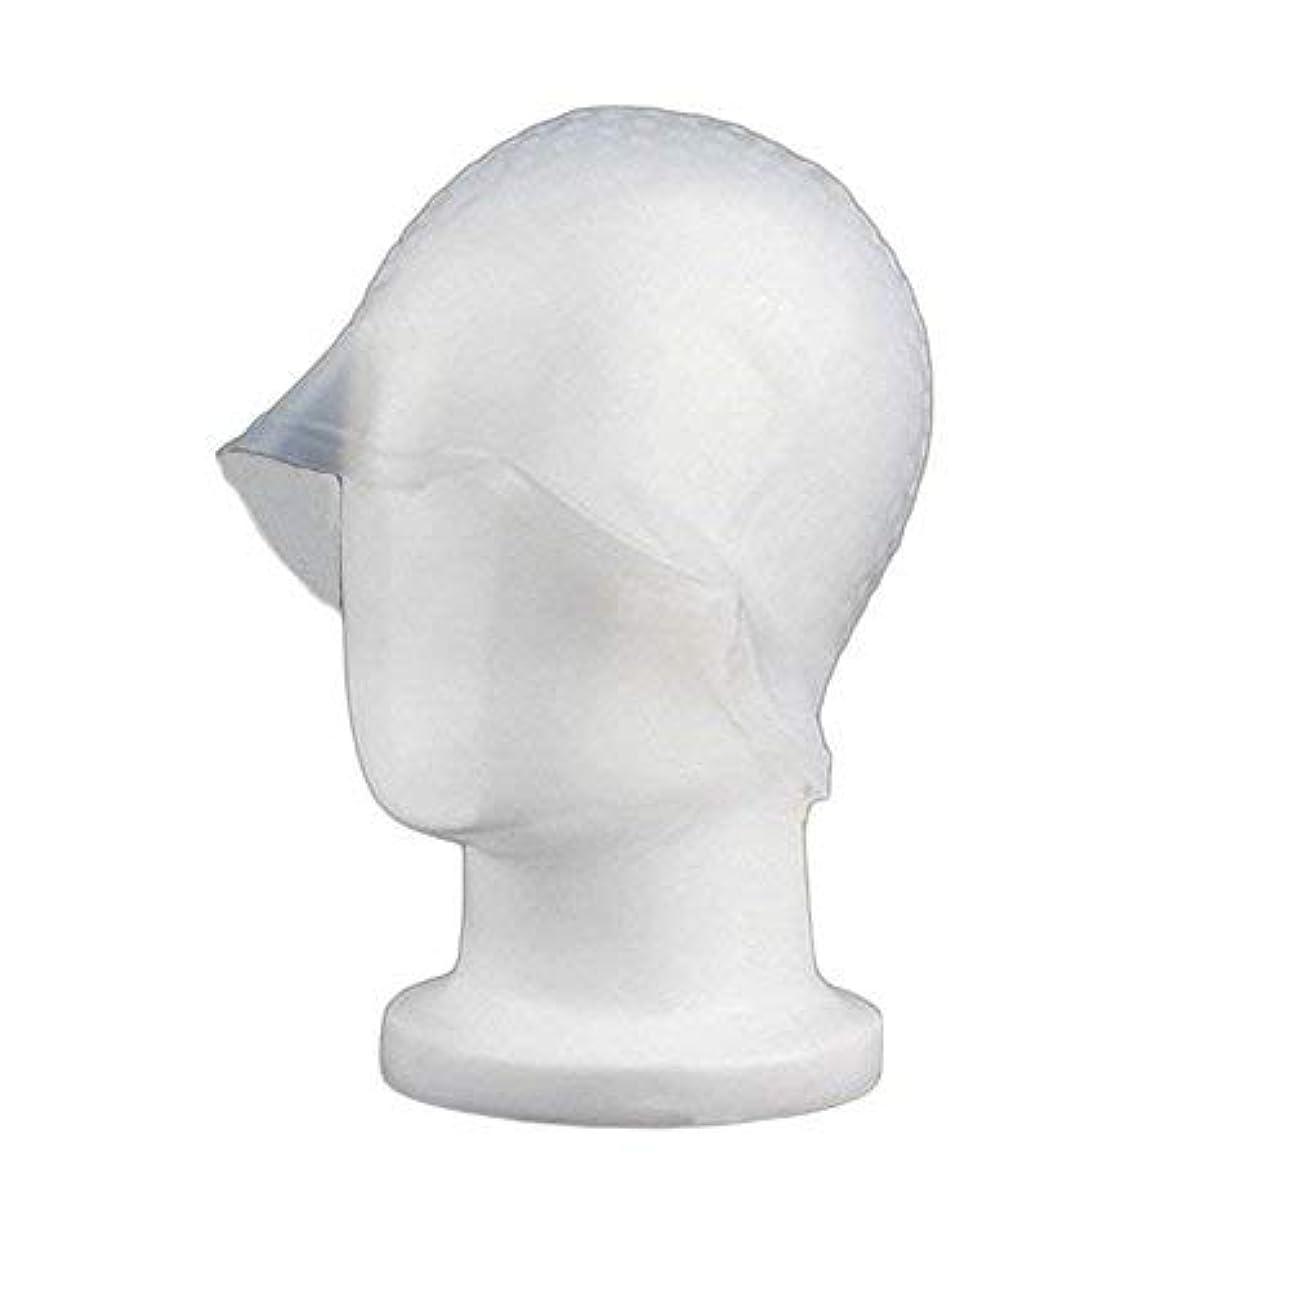 酸度違法みなさんchaselpod 洗って使える ヘアカラー メッシュ 染め用 用 シリコン ヘア キャップキャップ